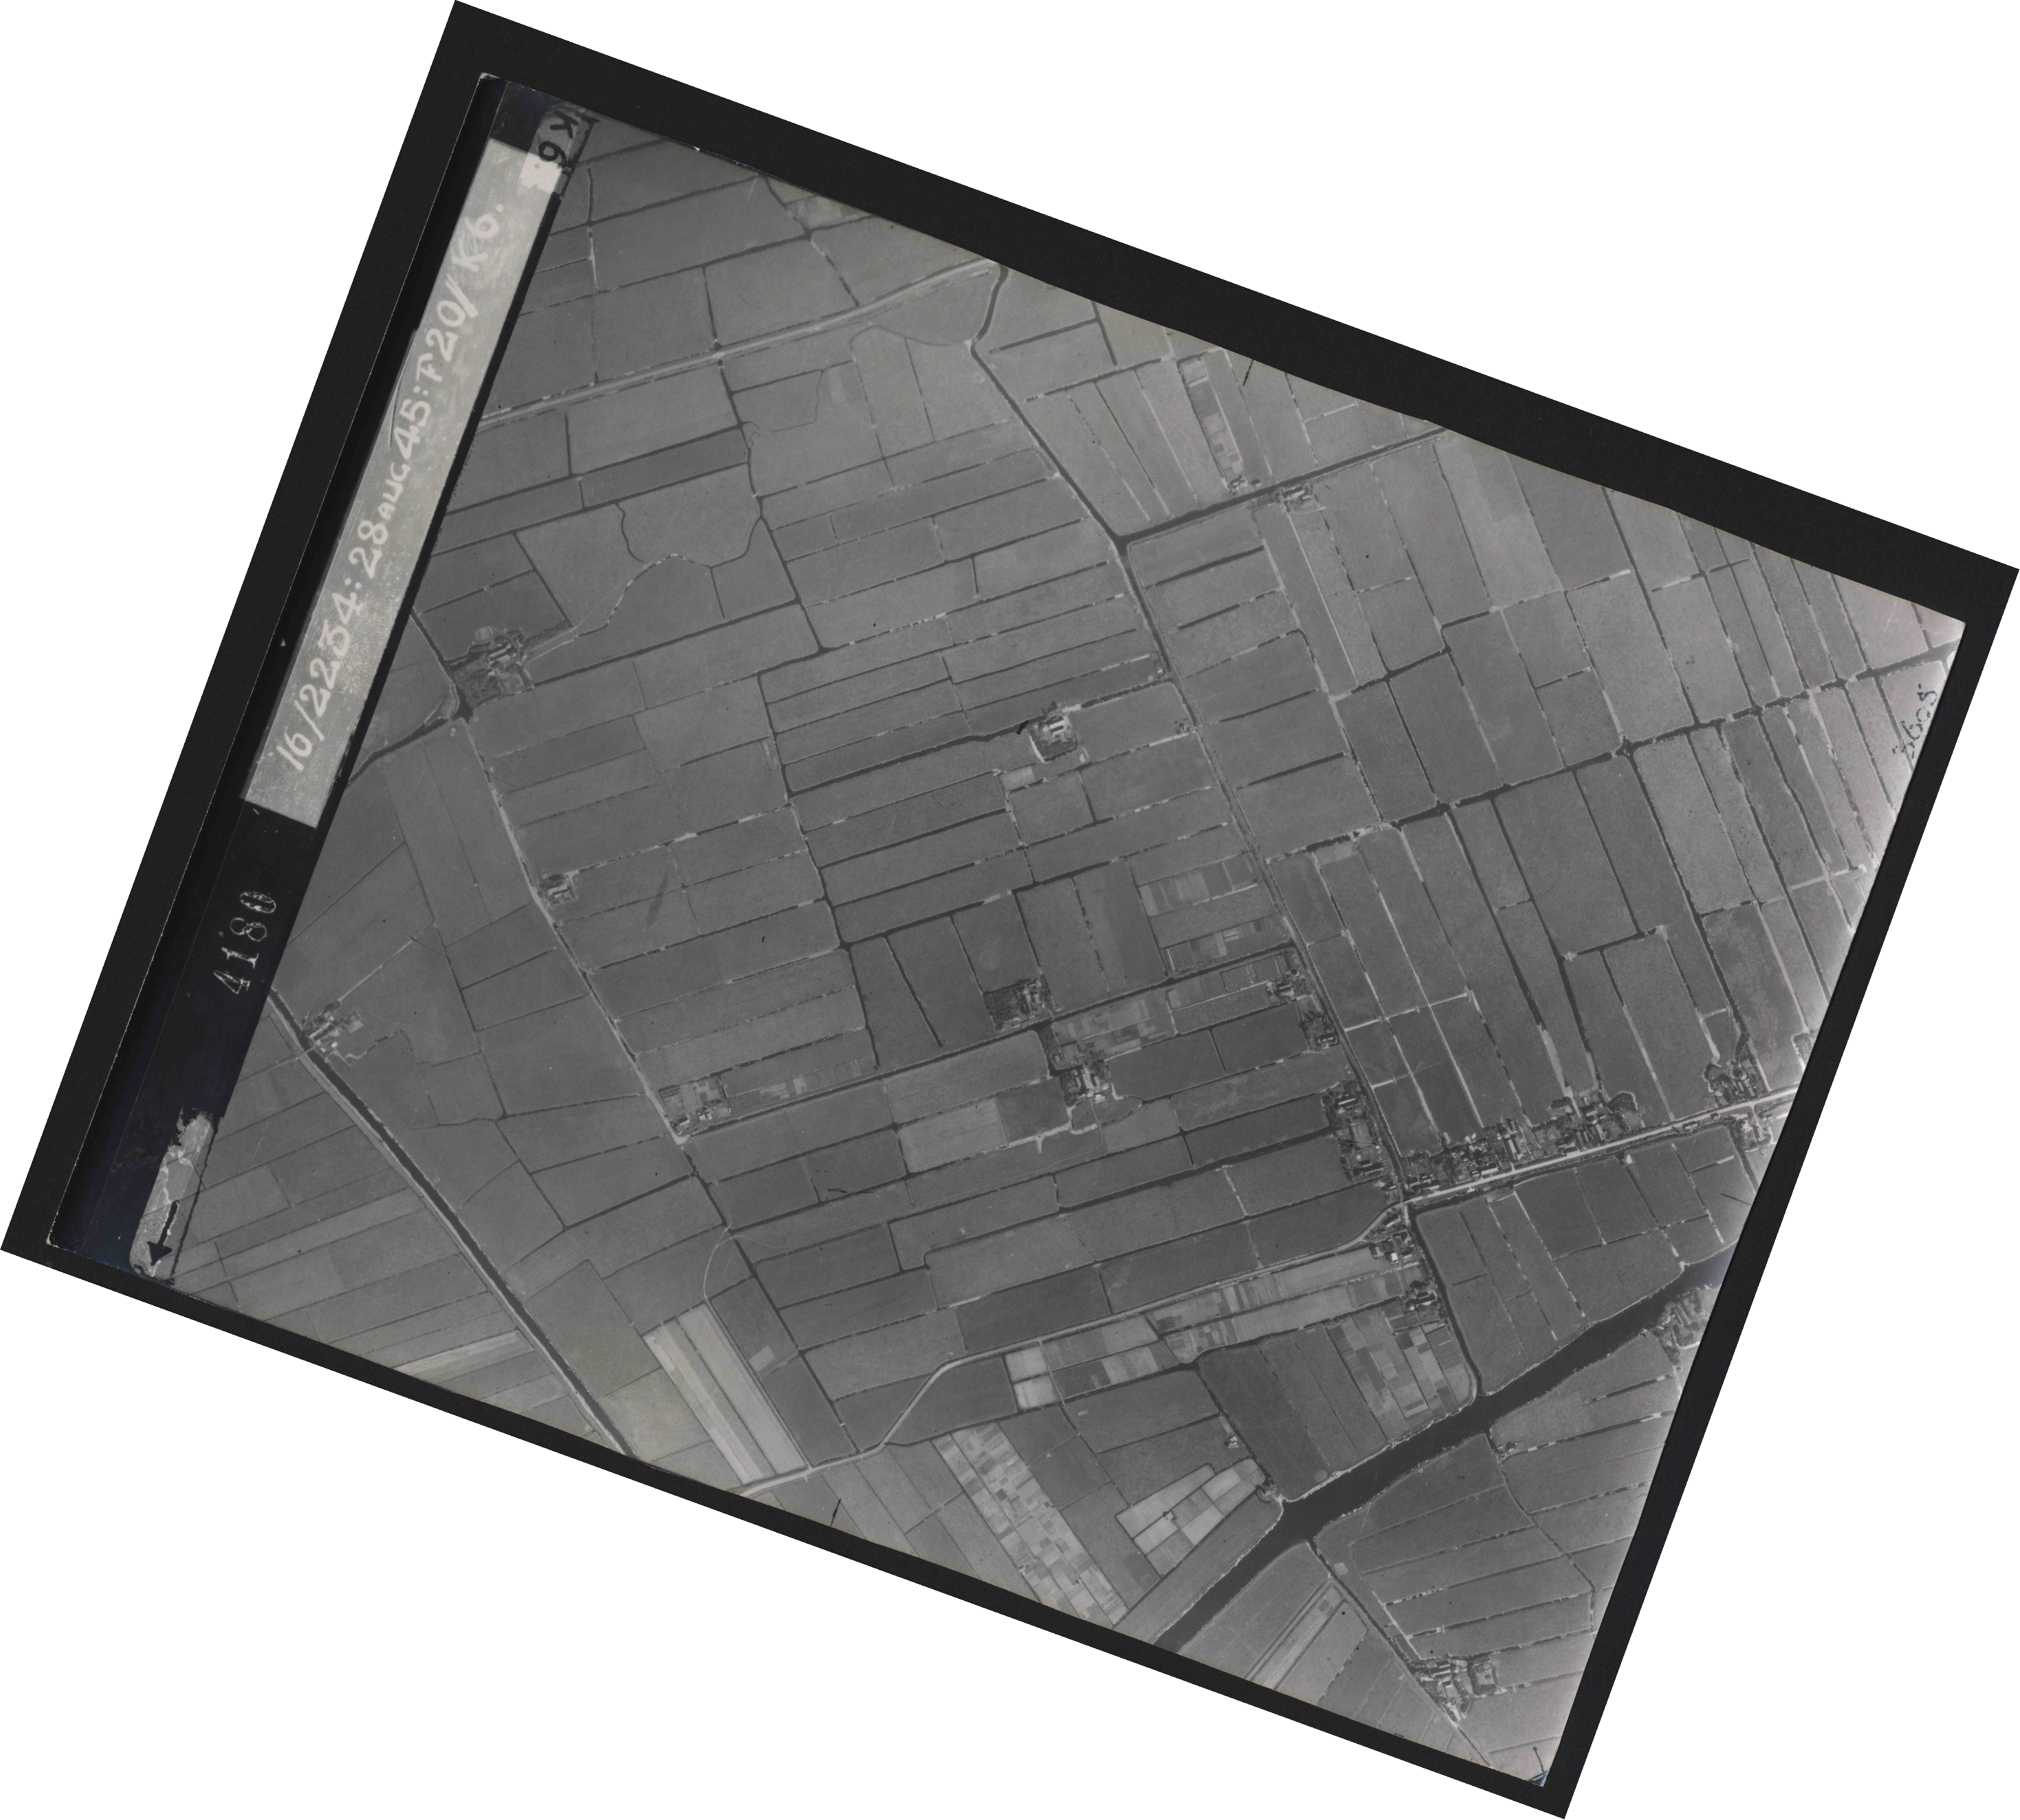 Collection RAF aerial photos 1940-1945 - flight 031, run 01, photo 4180